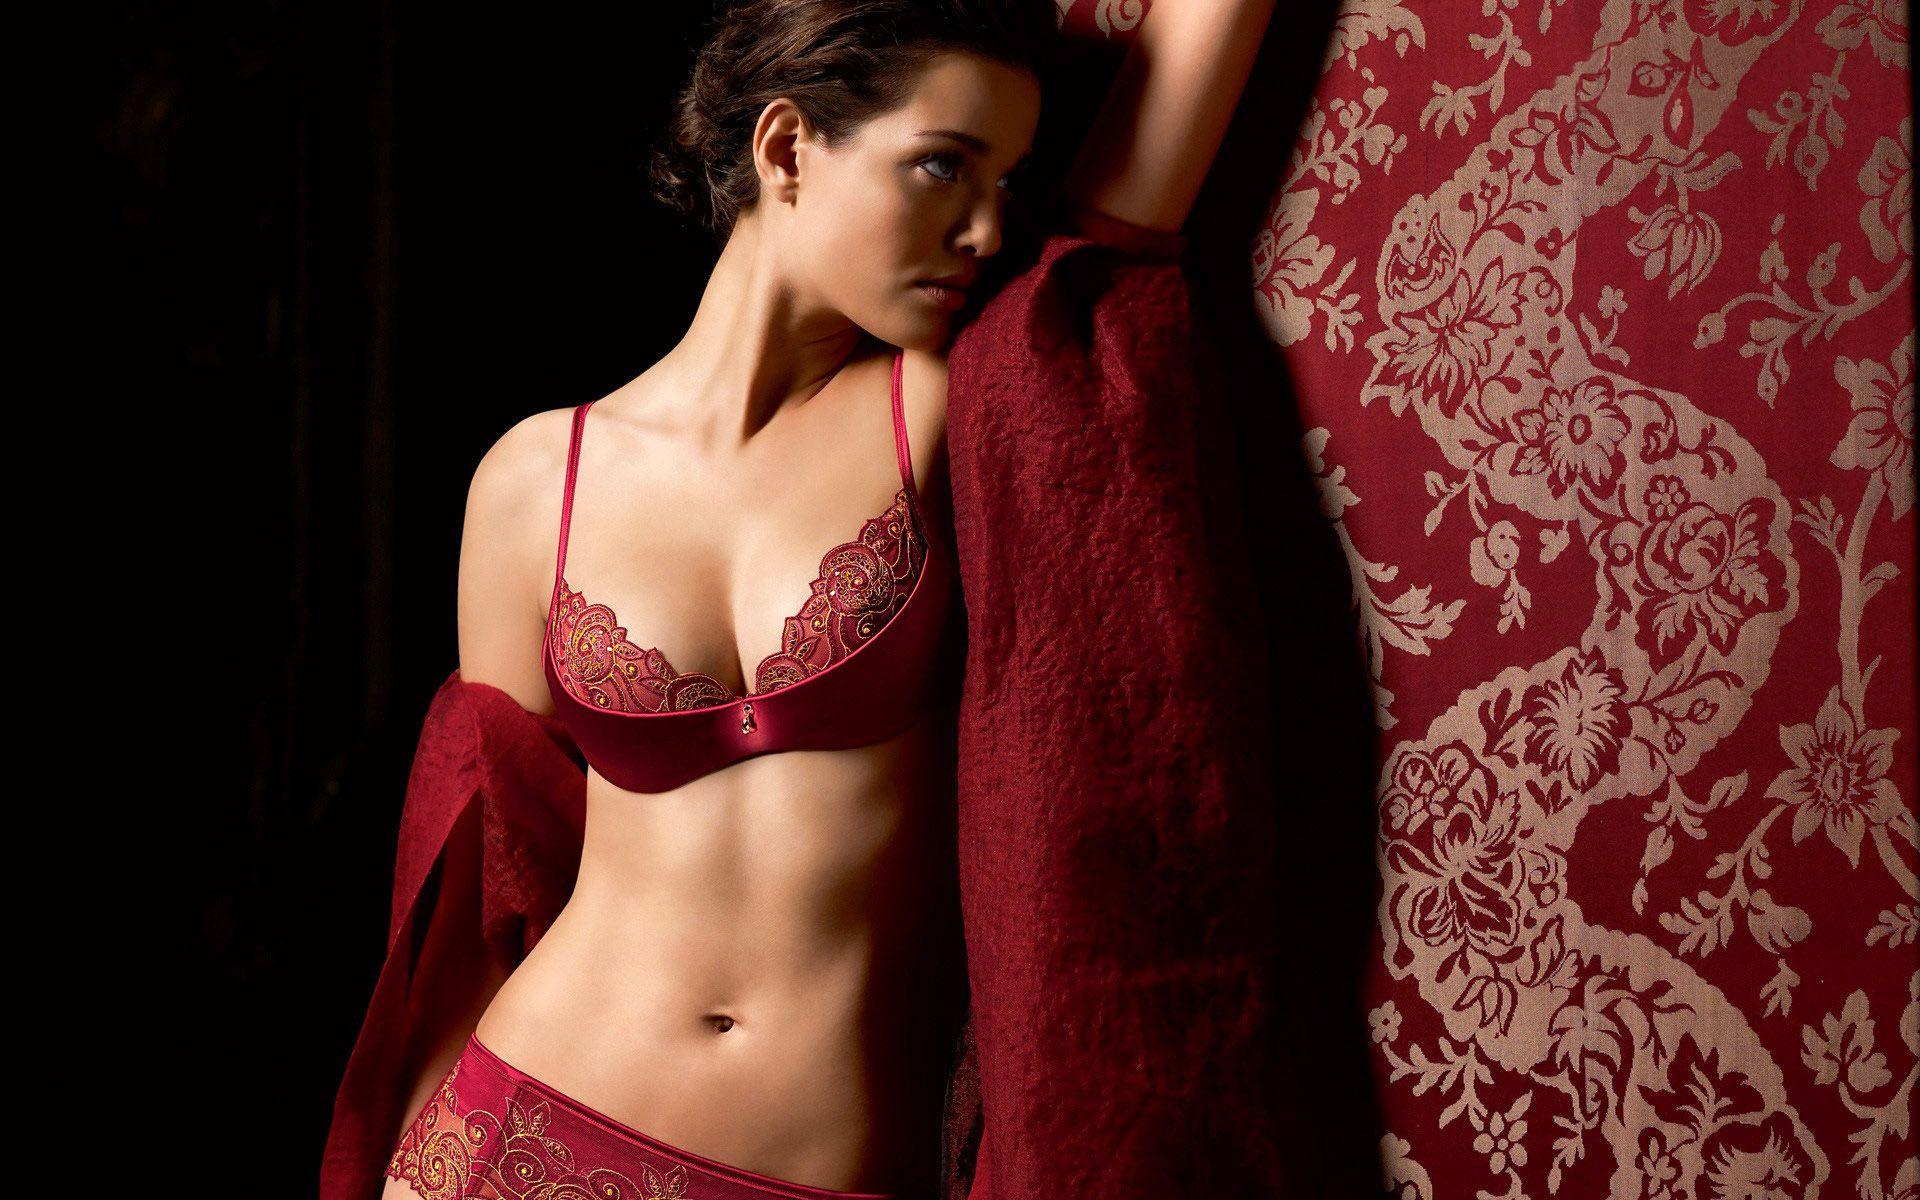 lingerie wallpaper